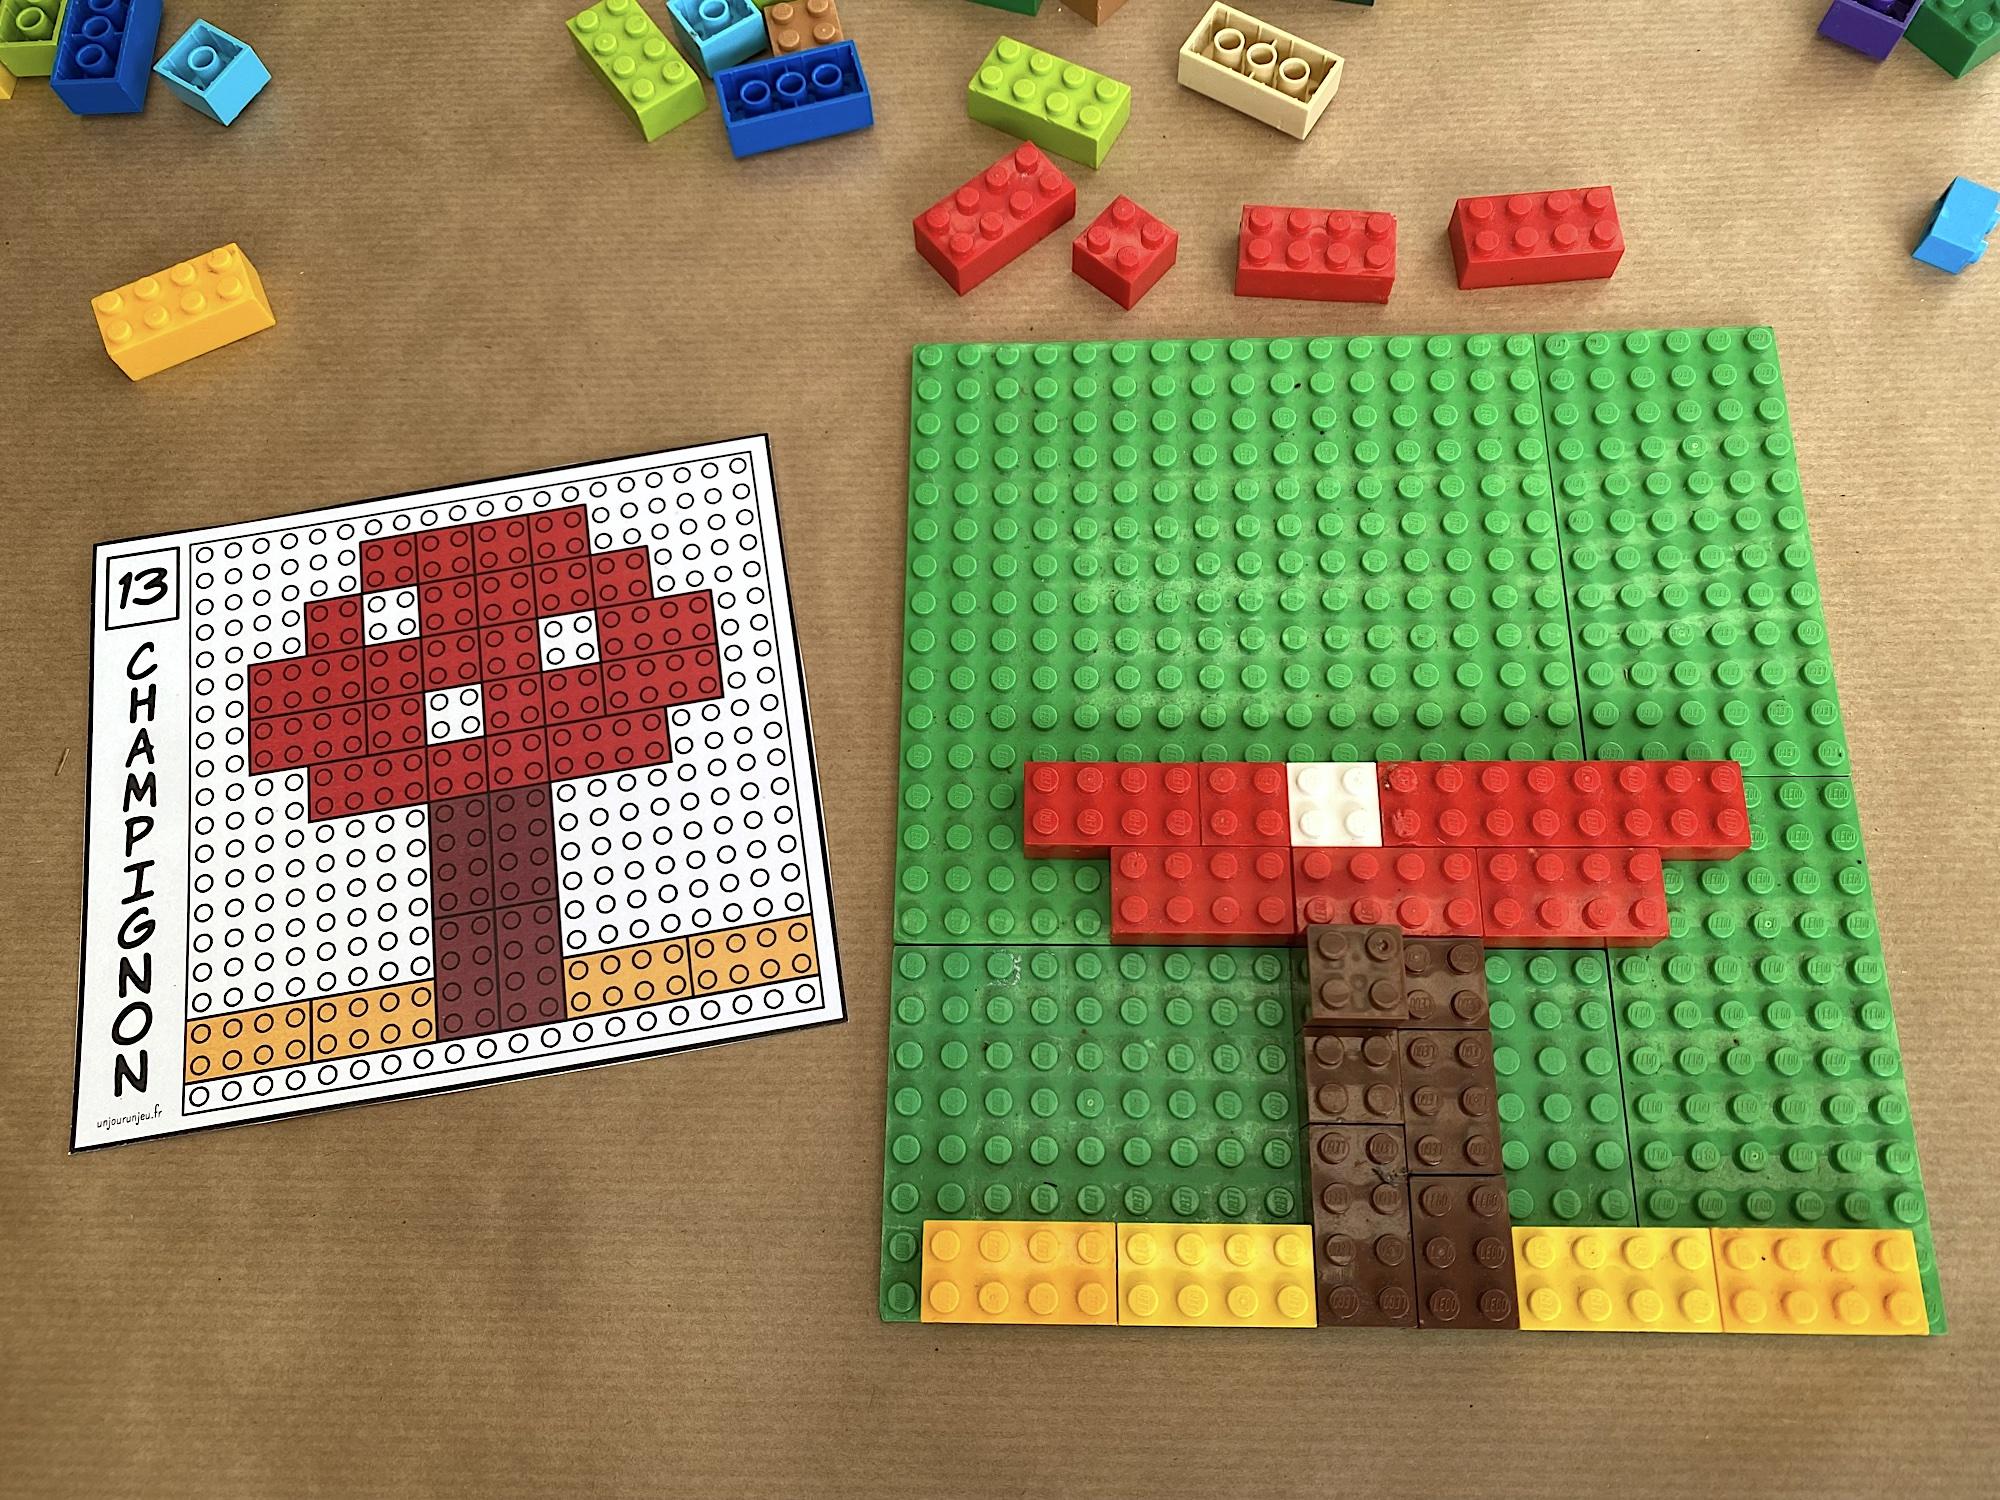 Modèles LEGO à reproduire - étape 5